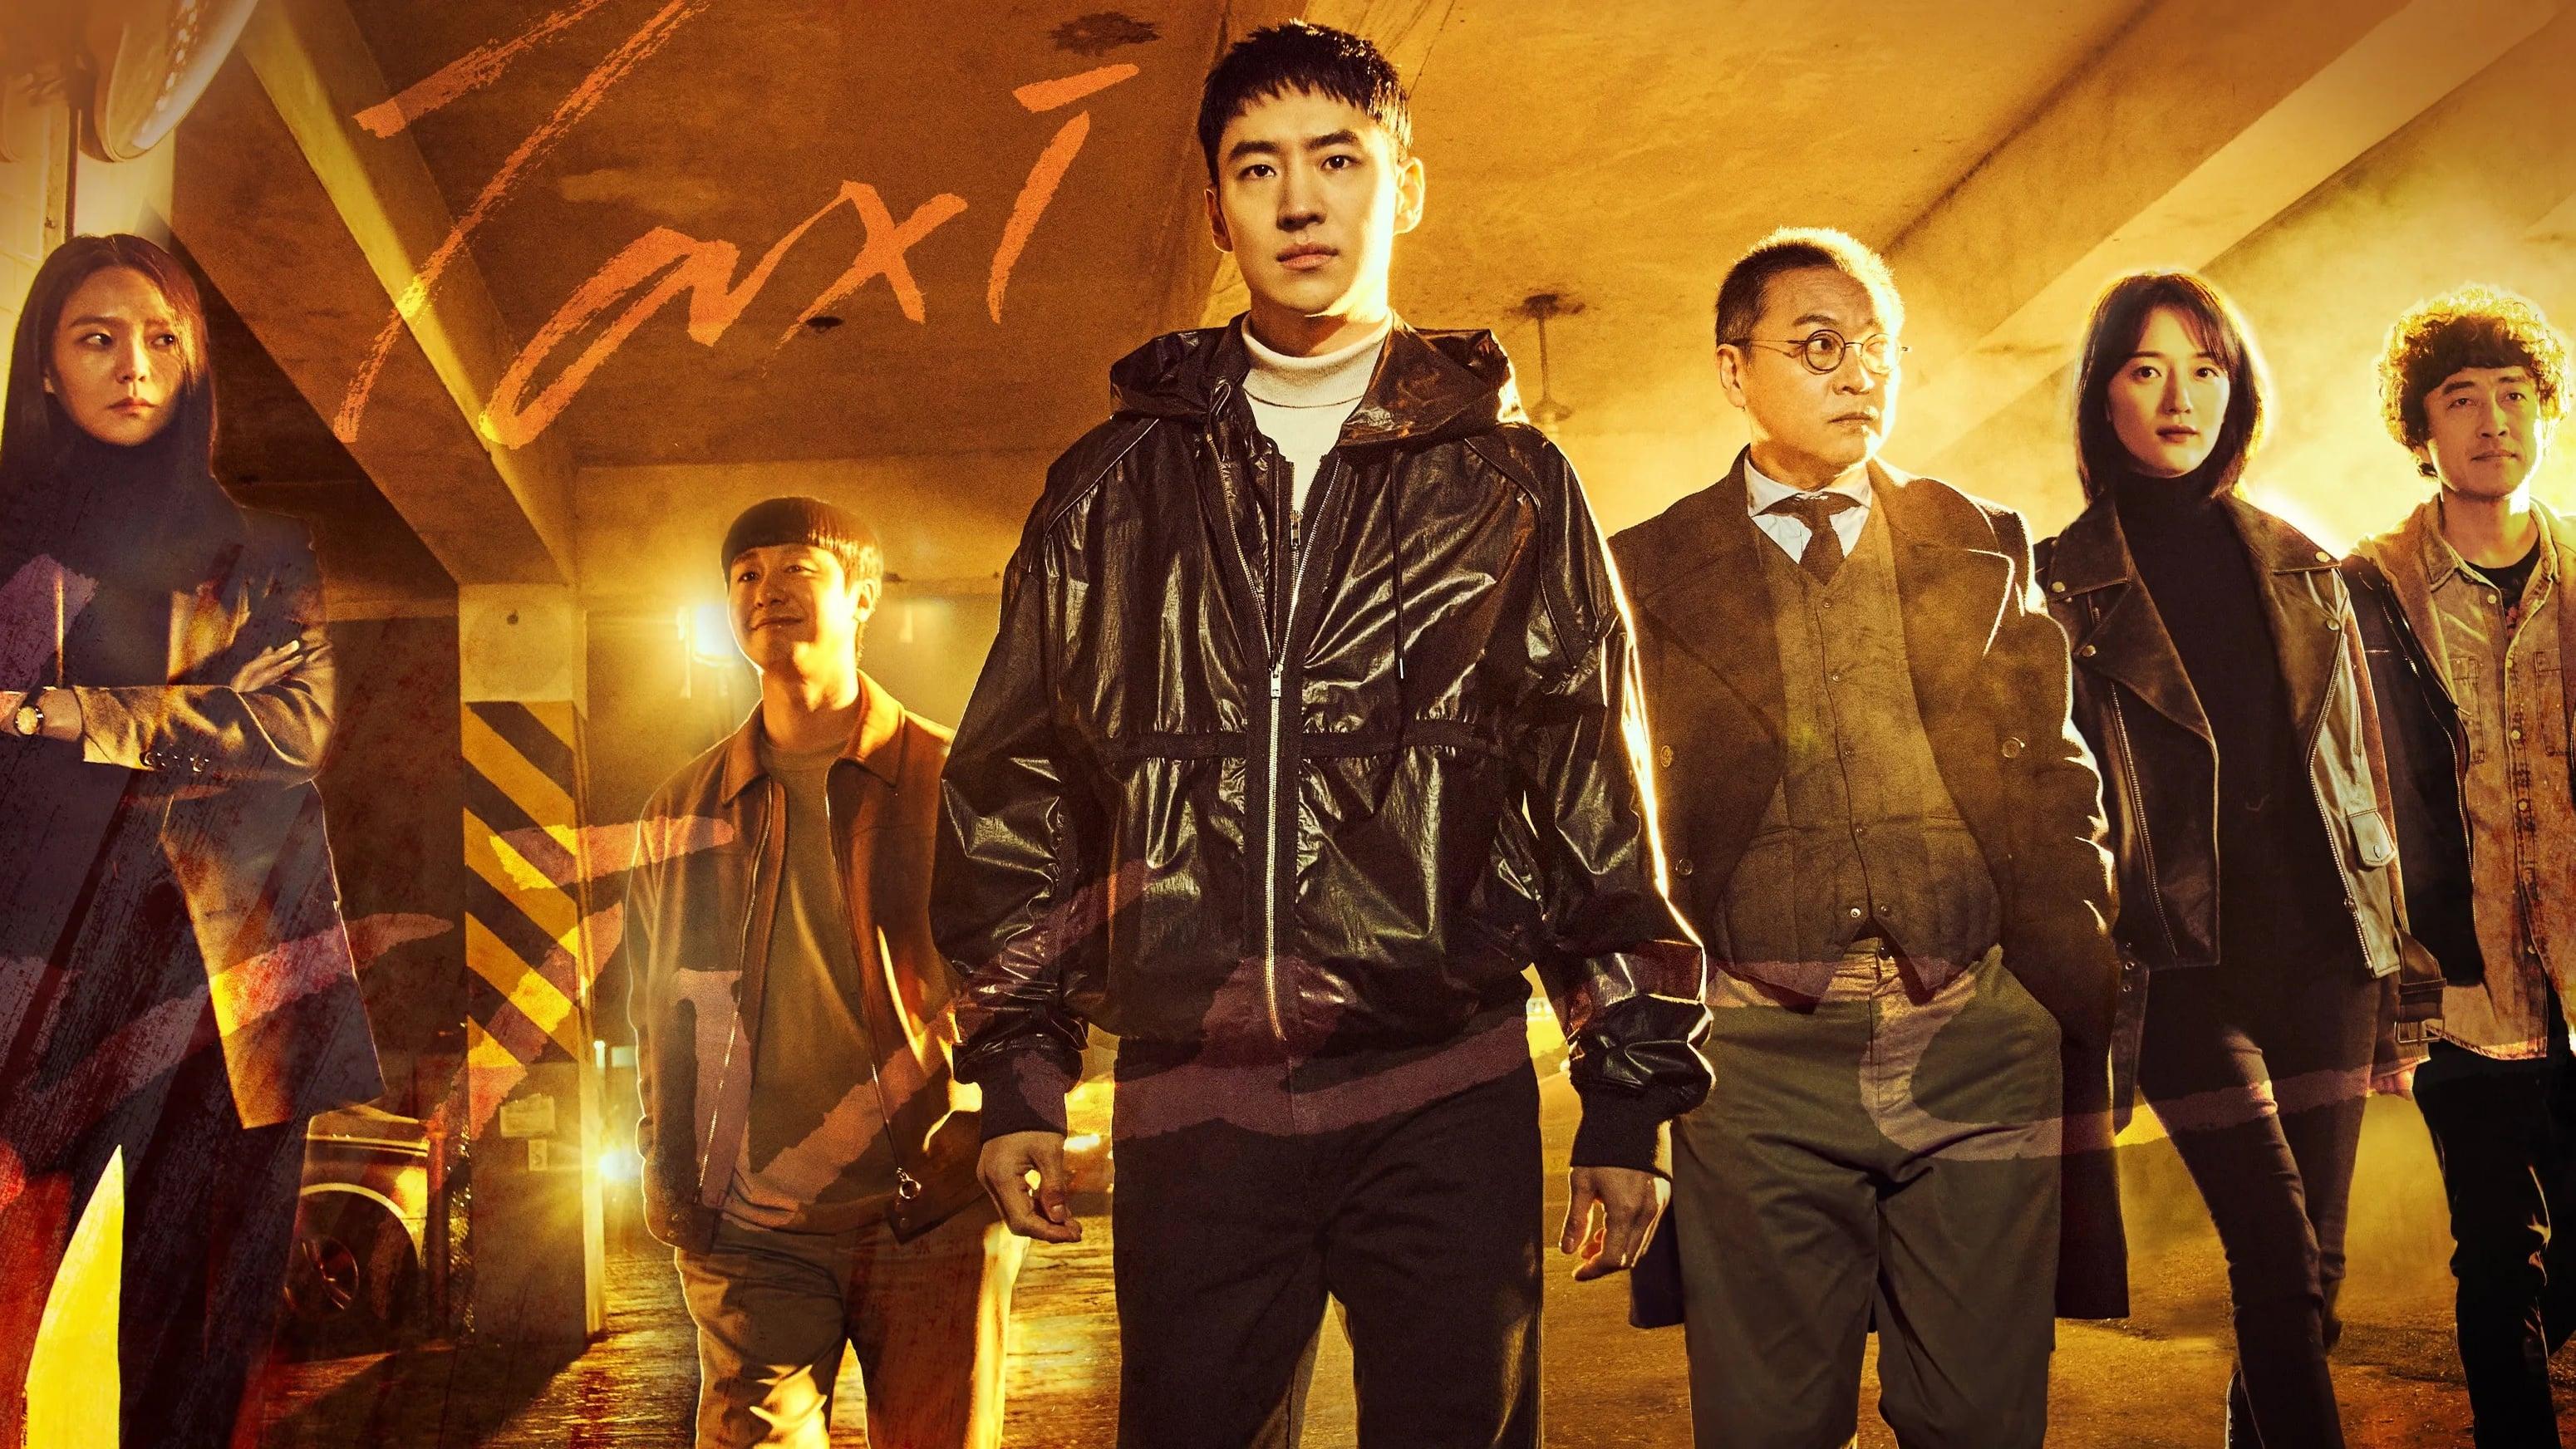 Taxi Driver - Season 1 Episode 5 : Episode 5